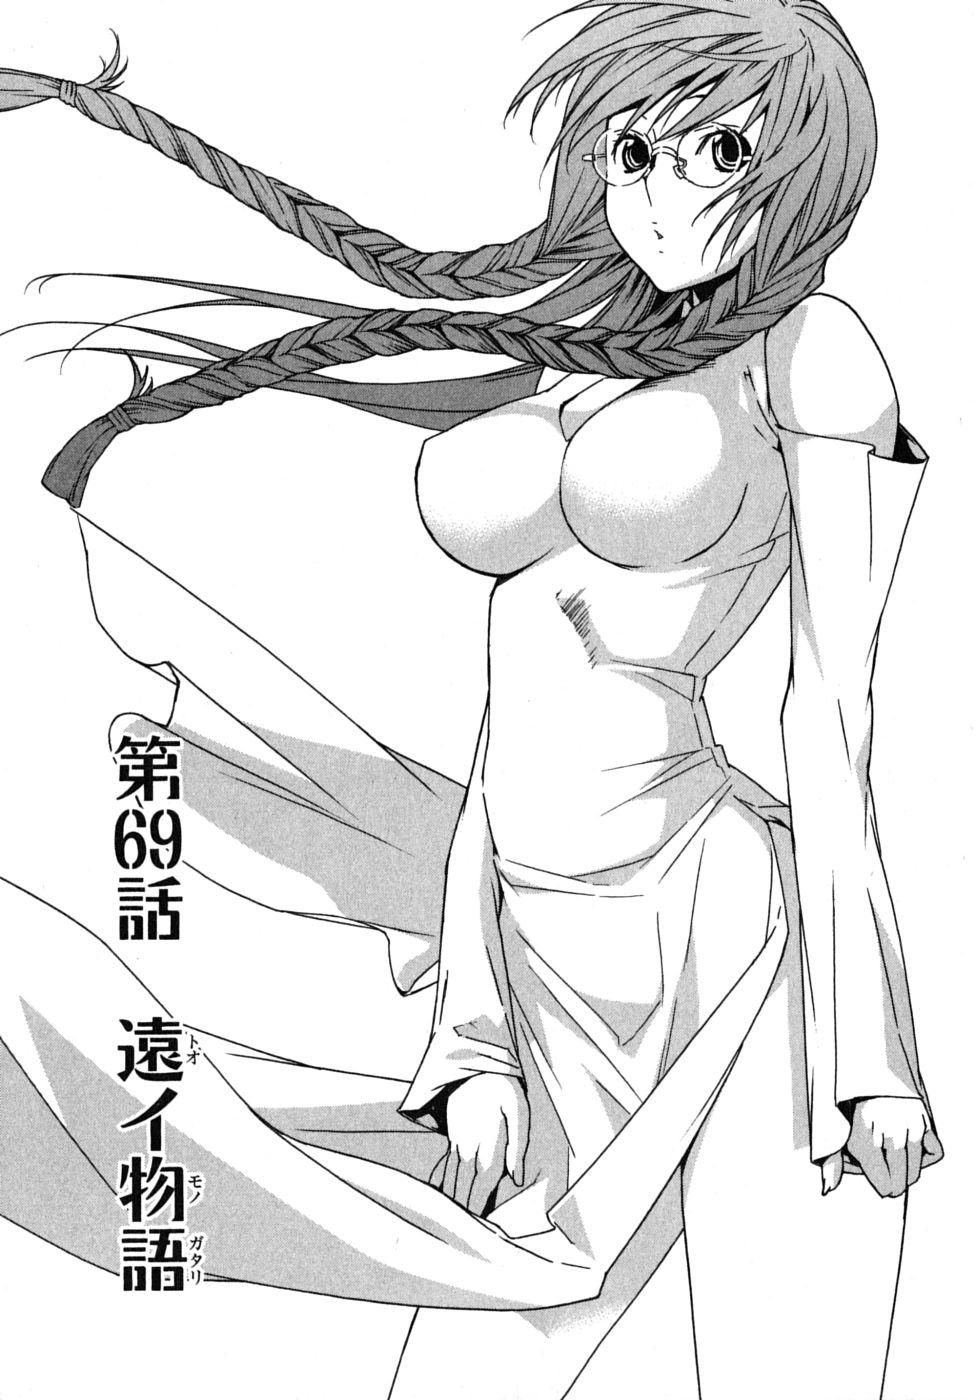 Sekirei manga chapter 069.jpg